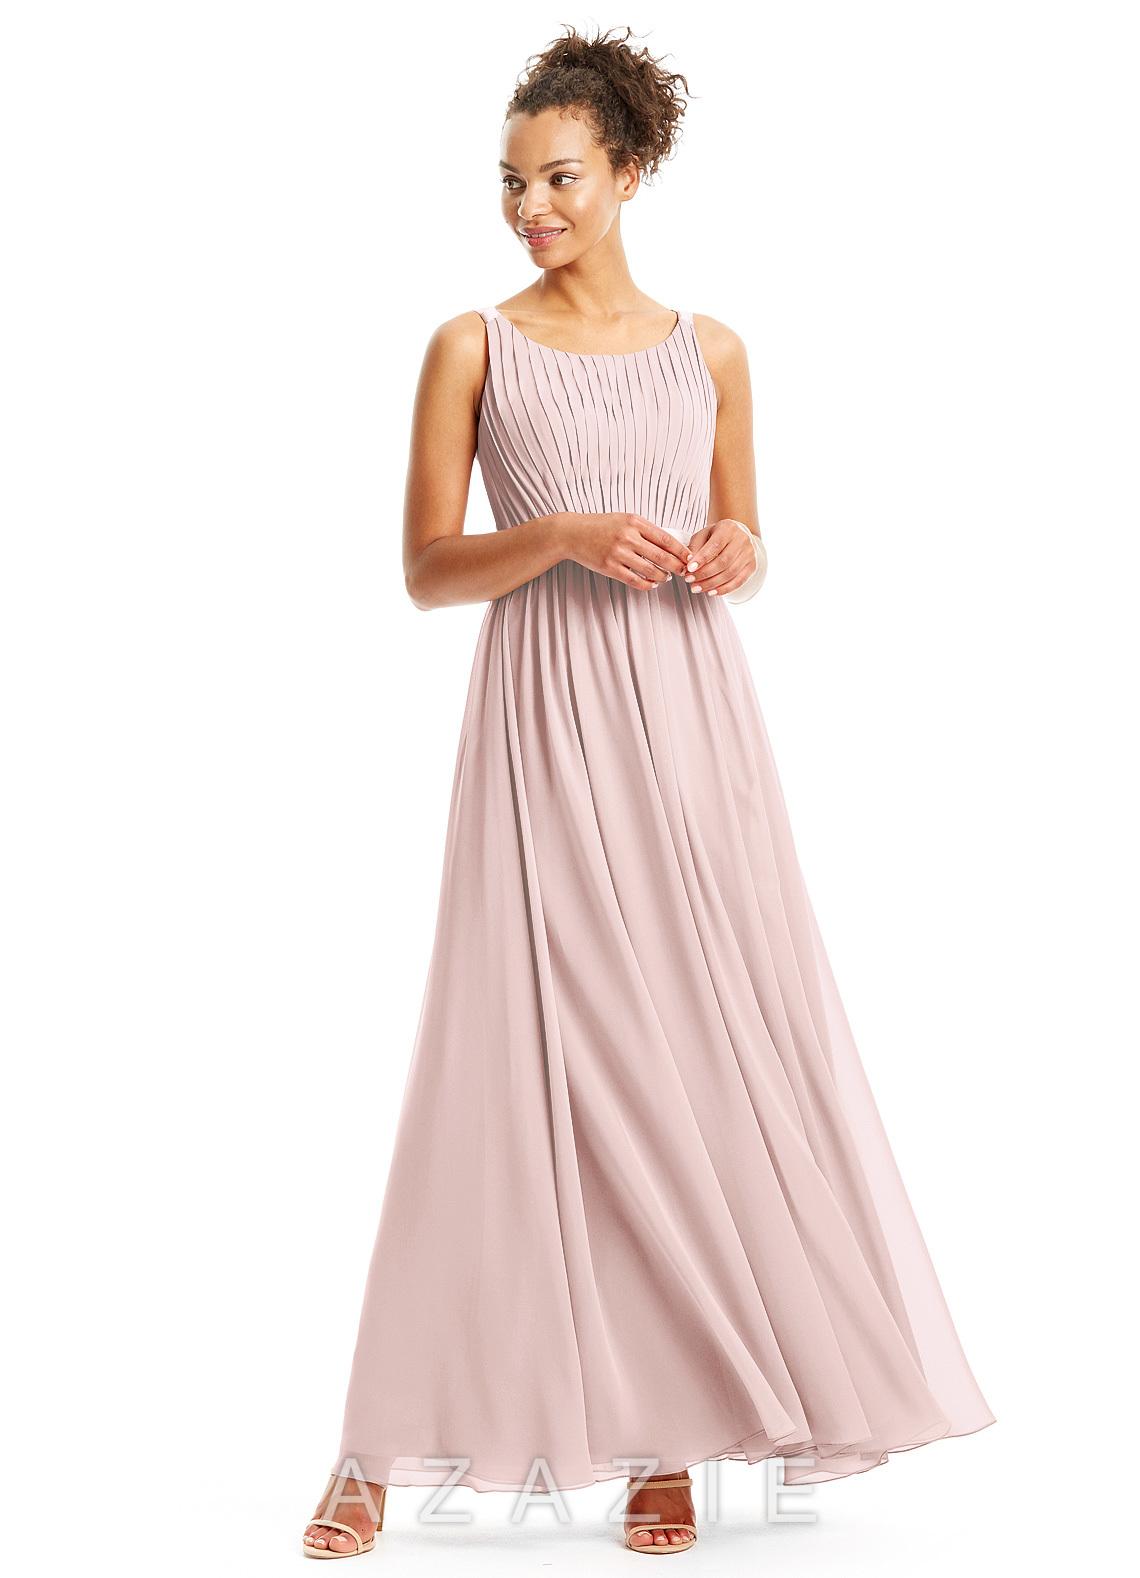 Azazie Lanette Bridesmaid Dress